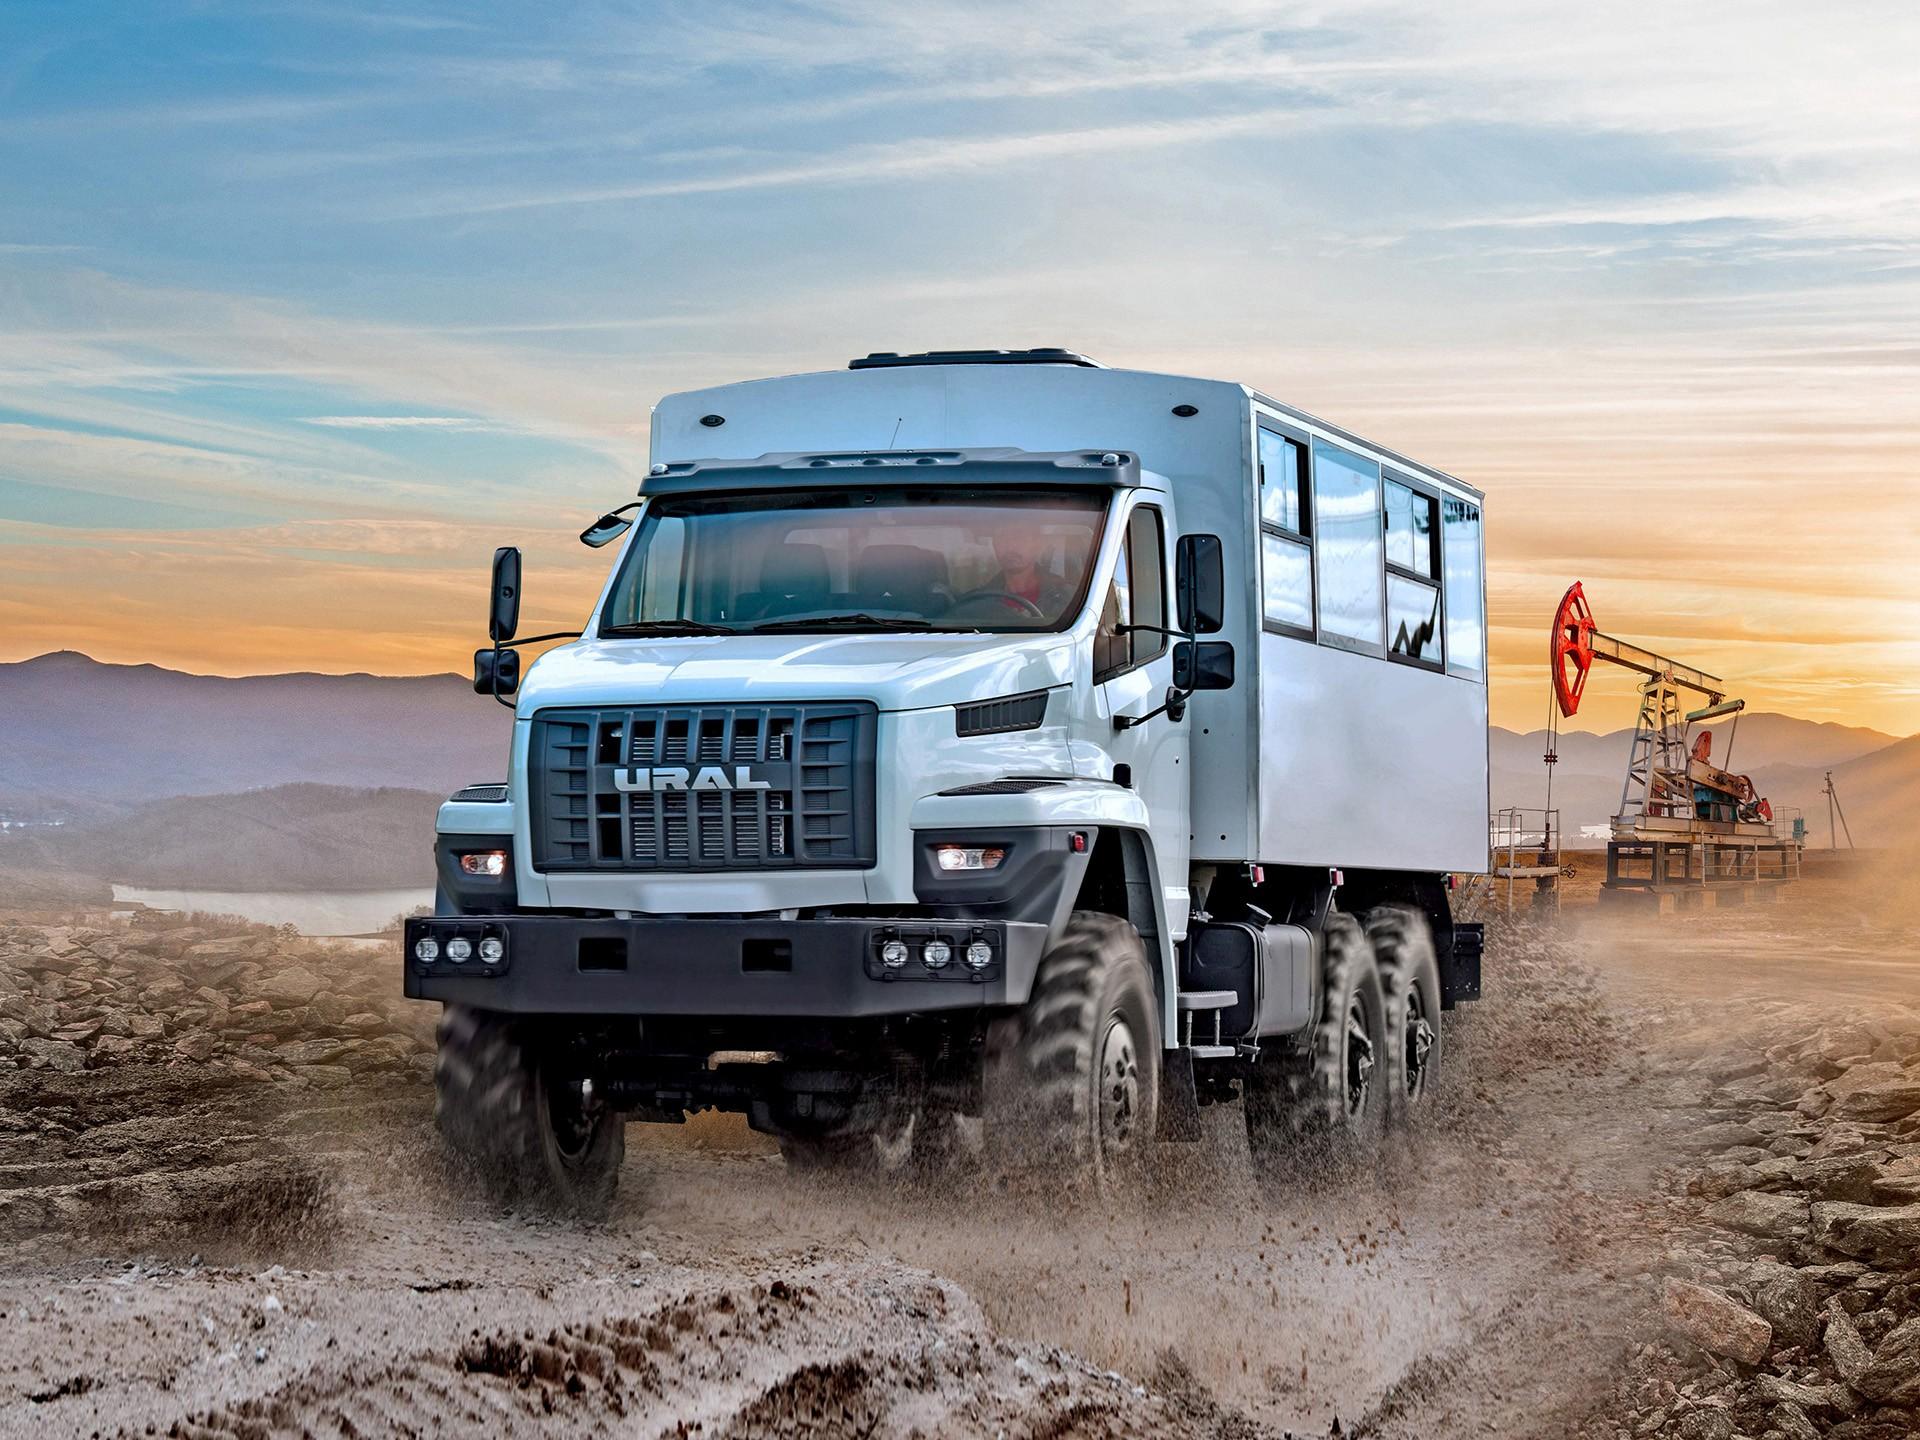 ЛУКОЙЛ развивает сотрудничество с производителем автомобилей «УРАЛ»